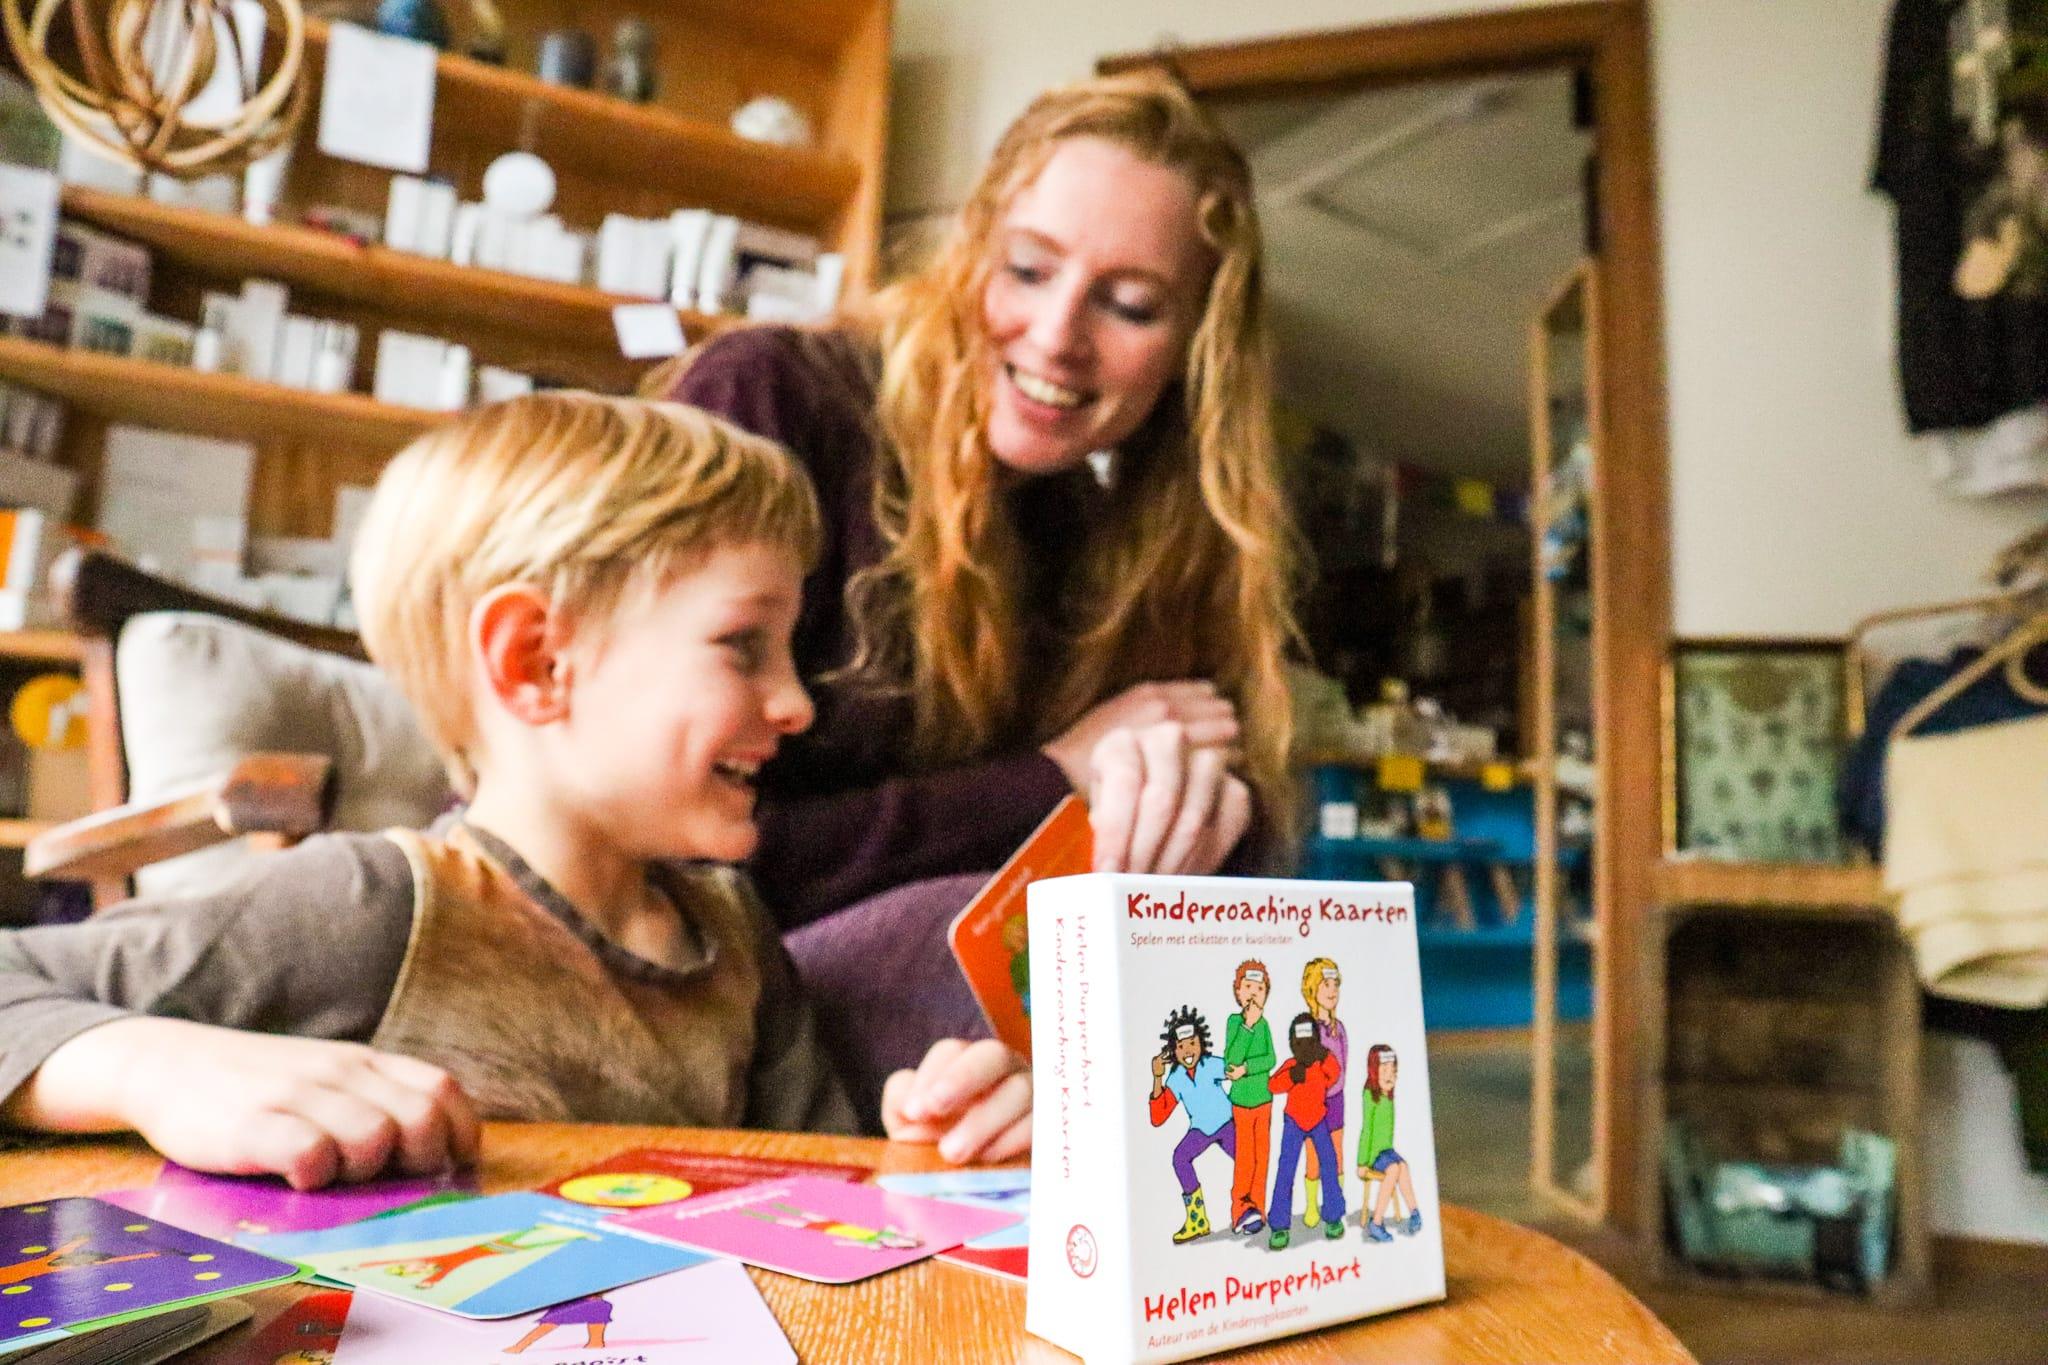 kindercoaching_kaarten_Jessica Nys